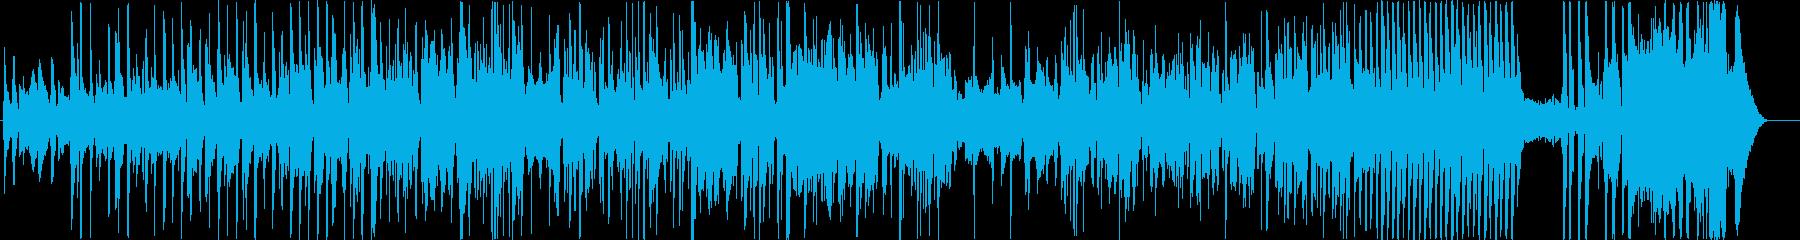 ウォーキングブルース。ハーモニカソ...の再生済みの波形